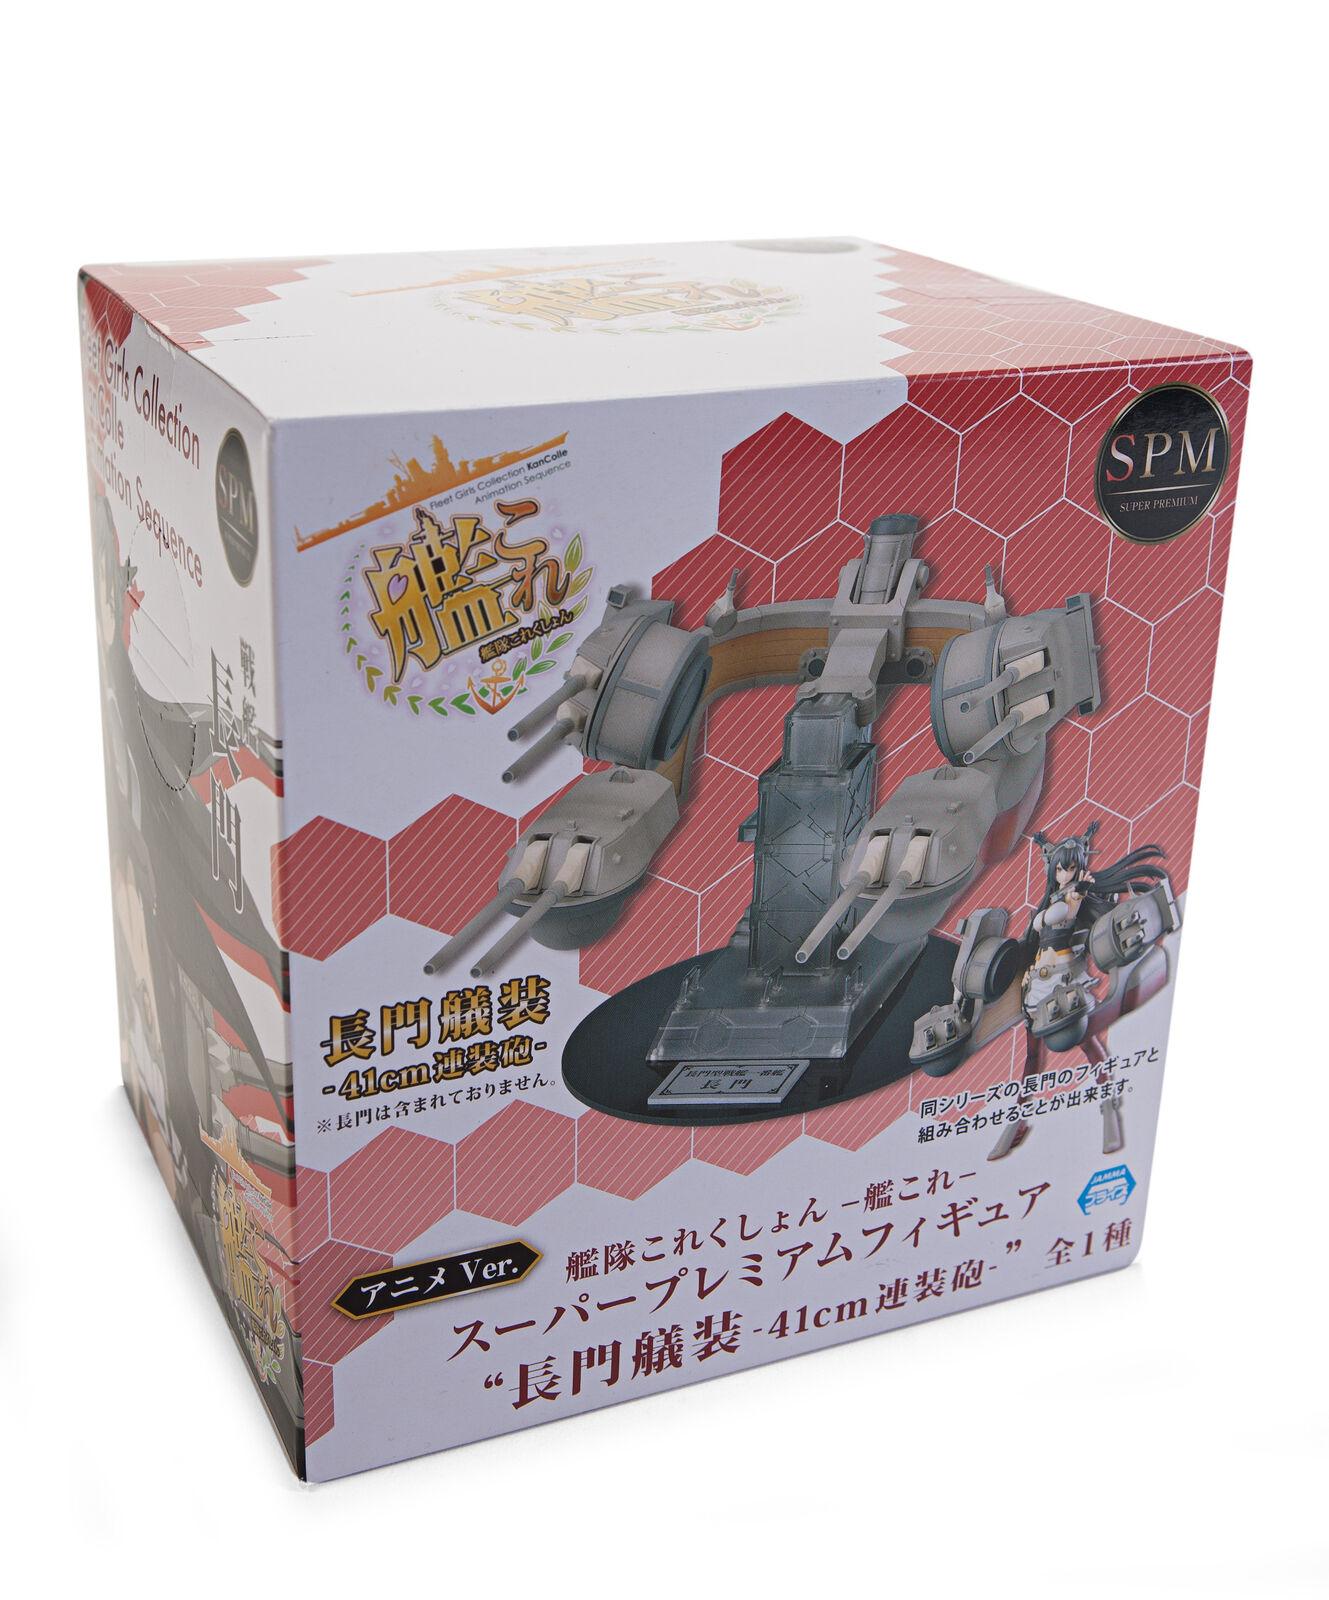 Kantai Collection Kan Colle, 41cm Twin Gun Mount for Nagato, SPM, Sega